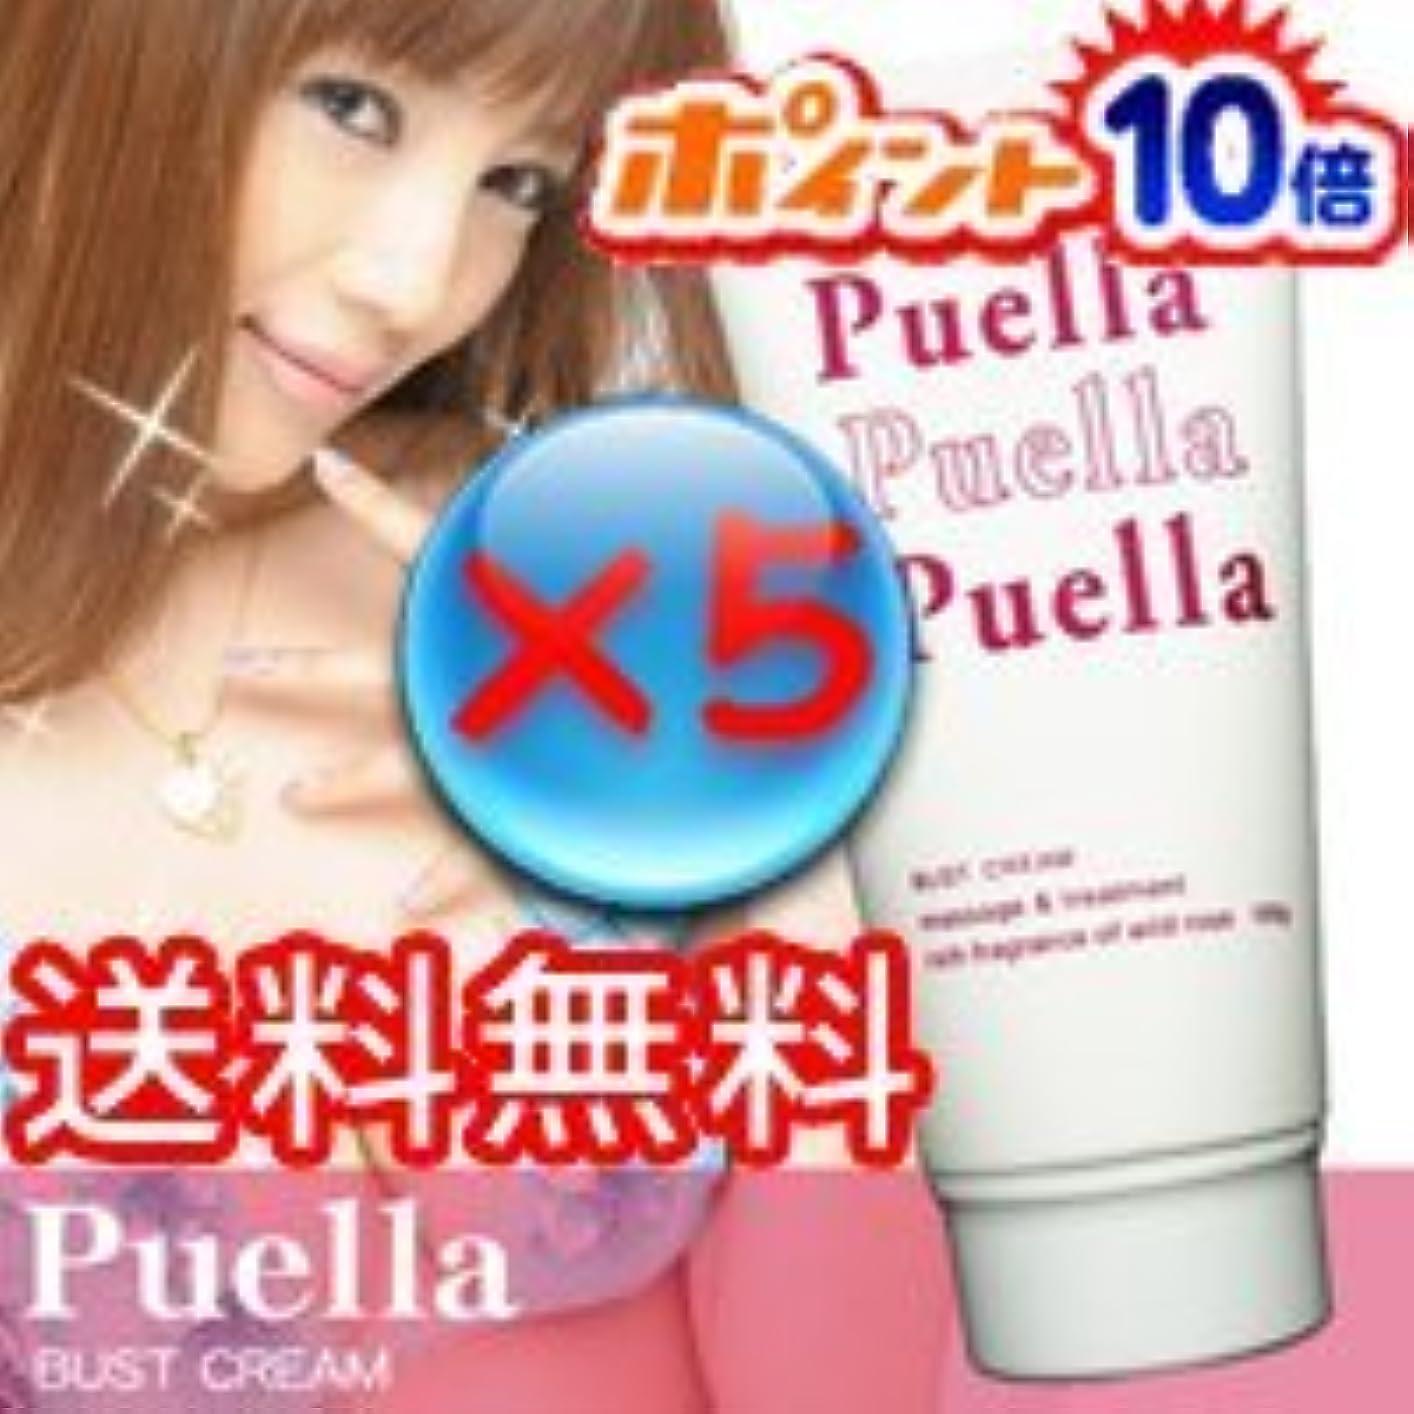 傾向モニカ本能5個セット puella(プエルラ)